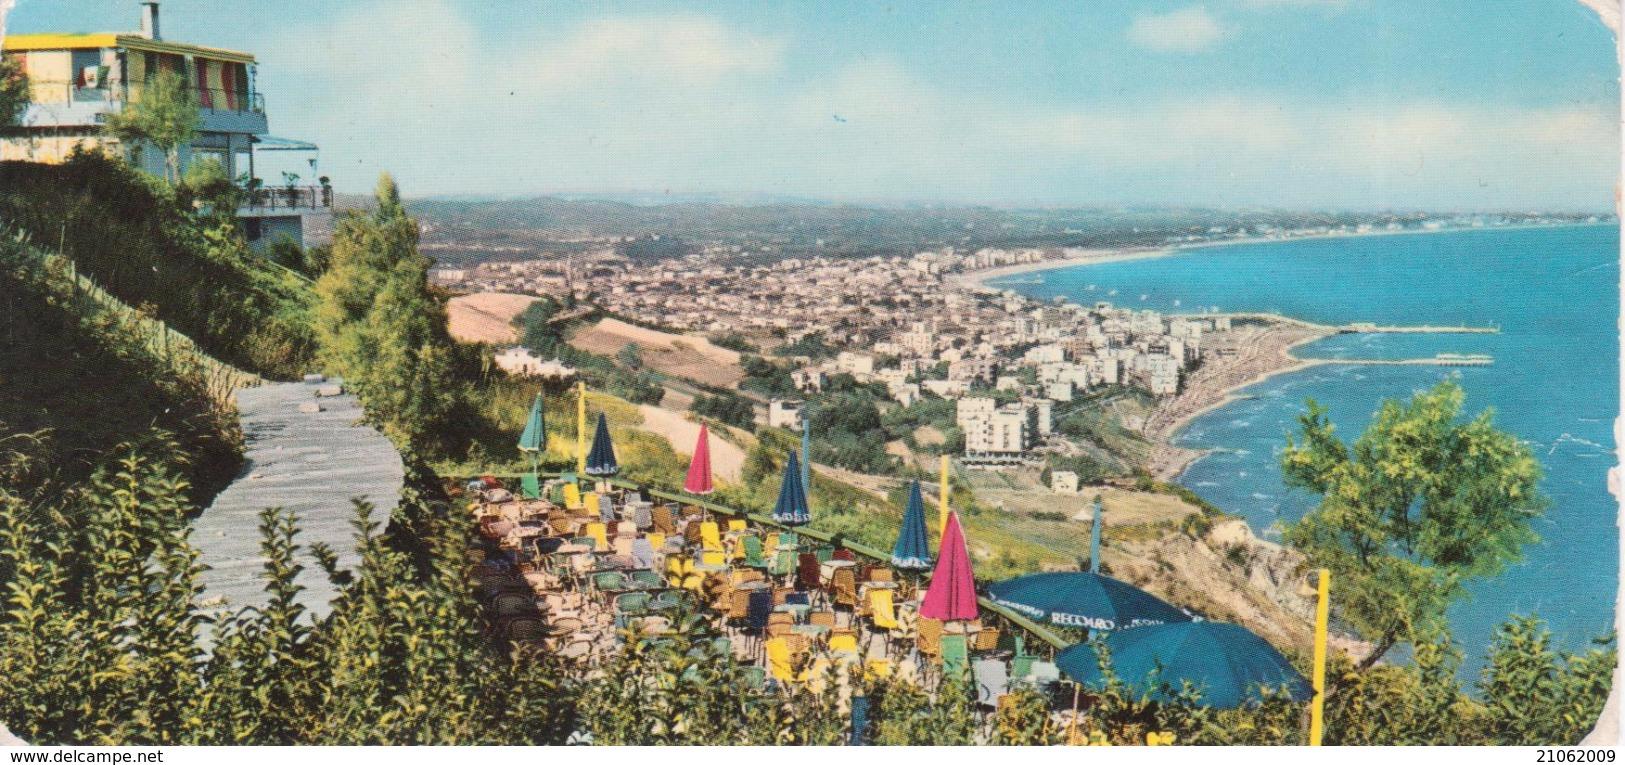 GABICCE Panorama Da Gabicce Monte, Formato 7x15cm - Italia